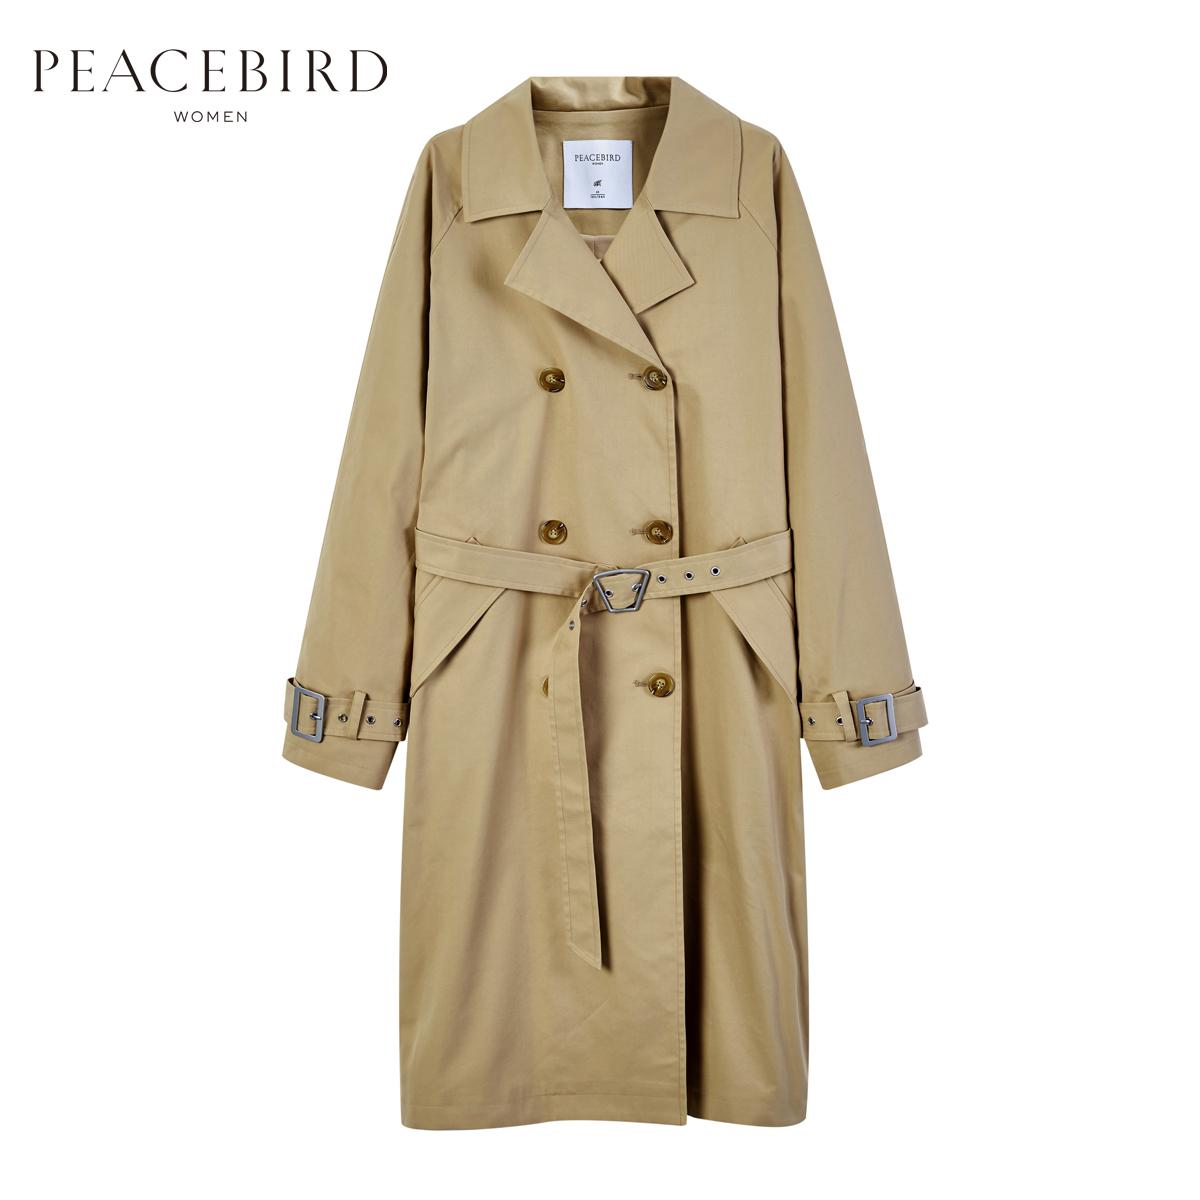 太平鸟女装2017秋装新款修身西装领风衣女中长款双排扣风衣外套女